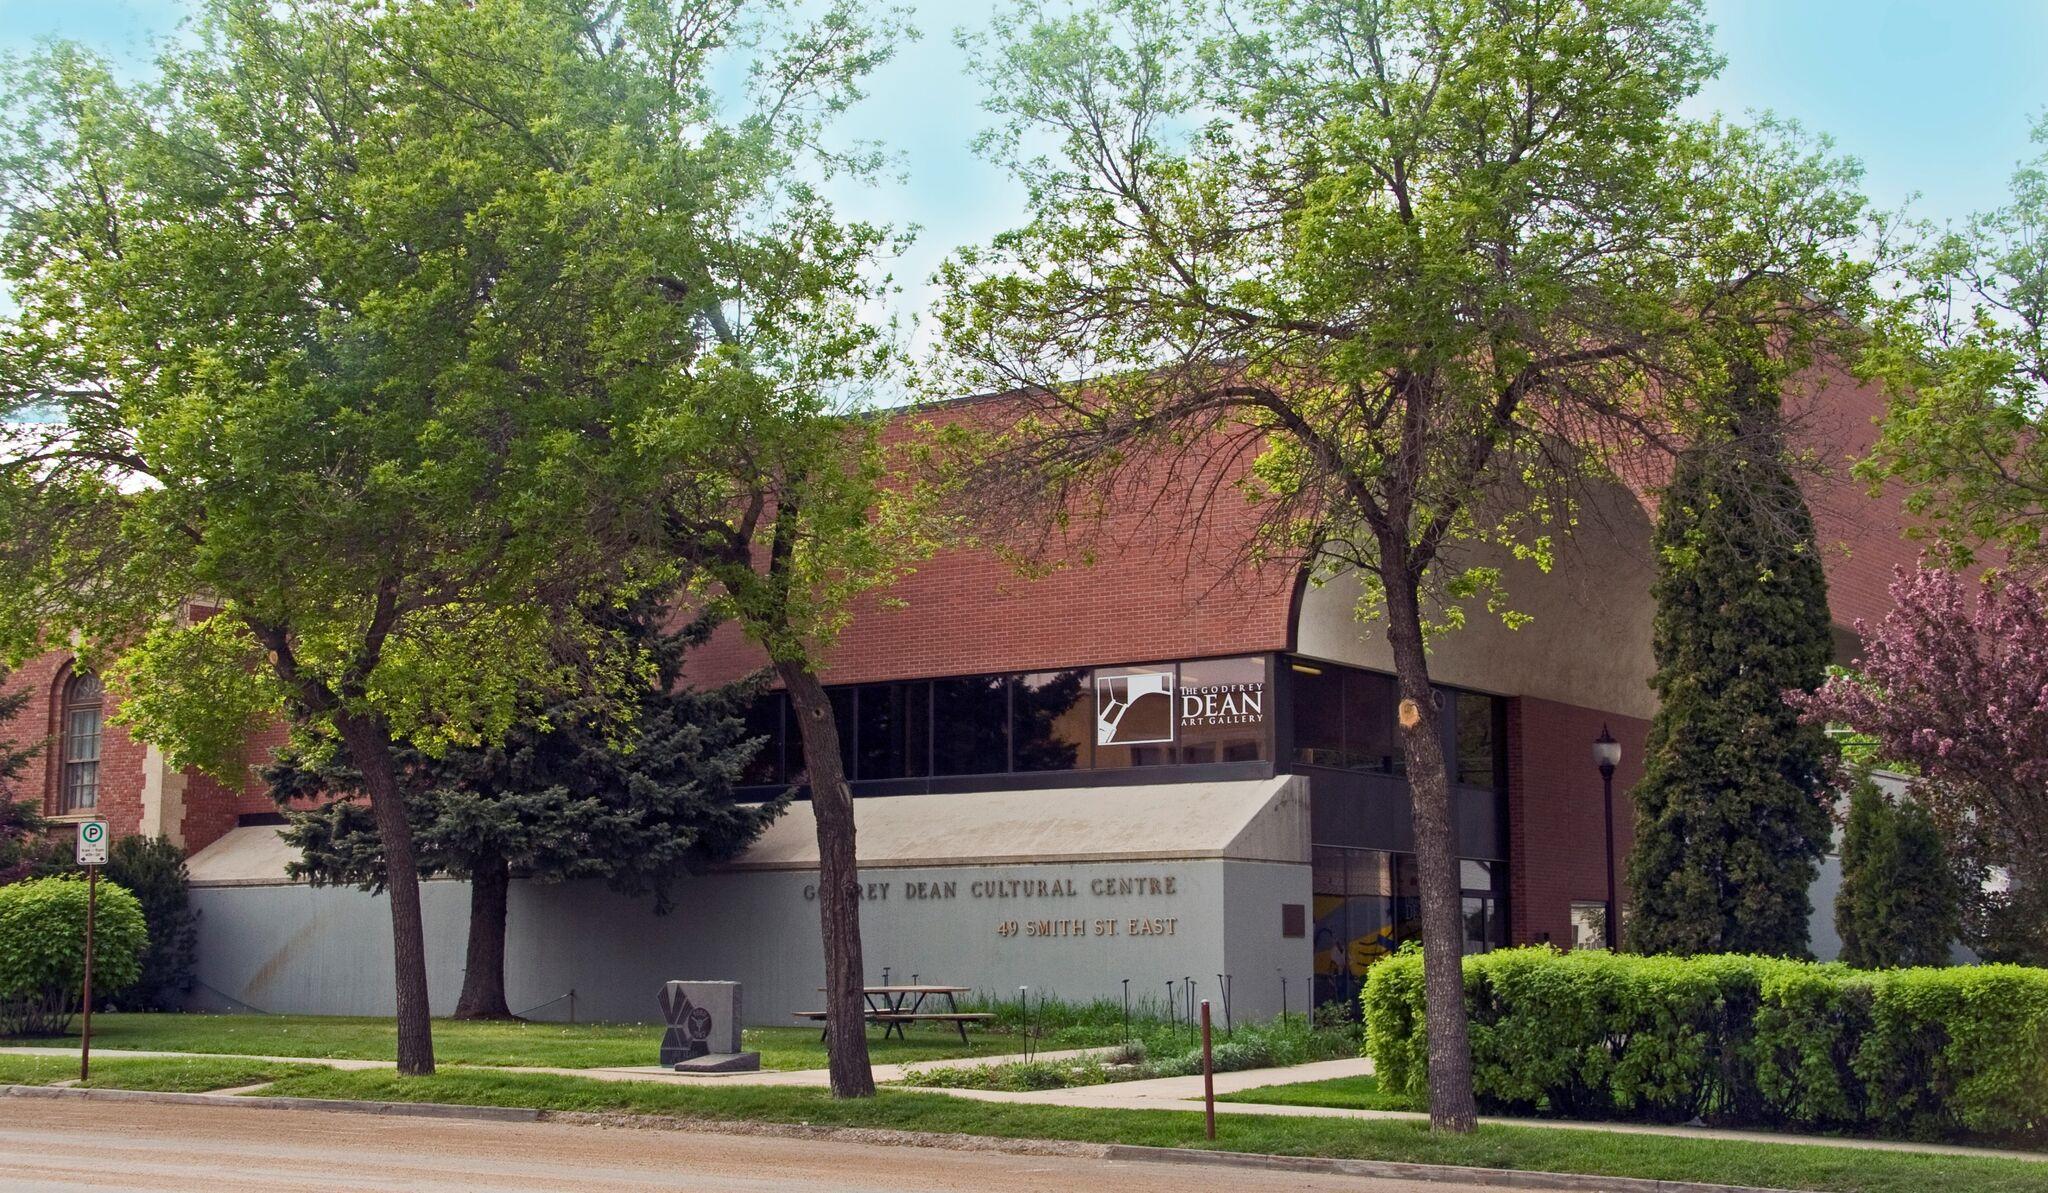 Godfrey Dean Art Gallery outside